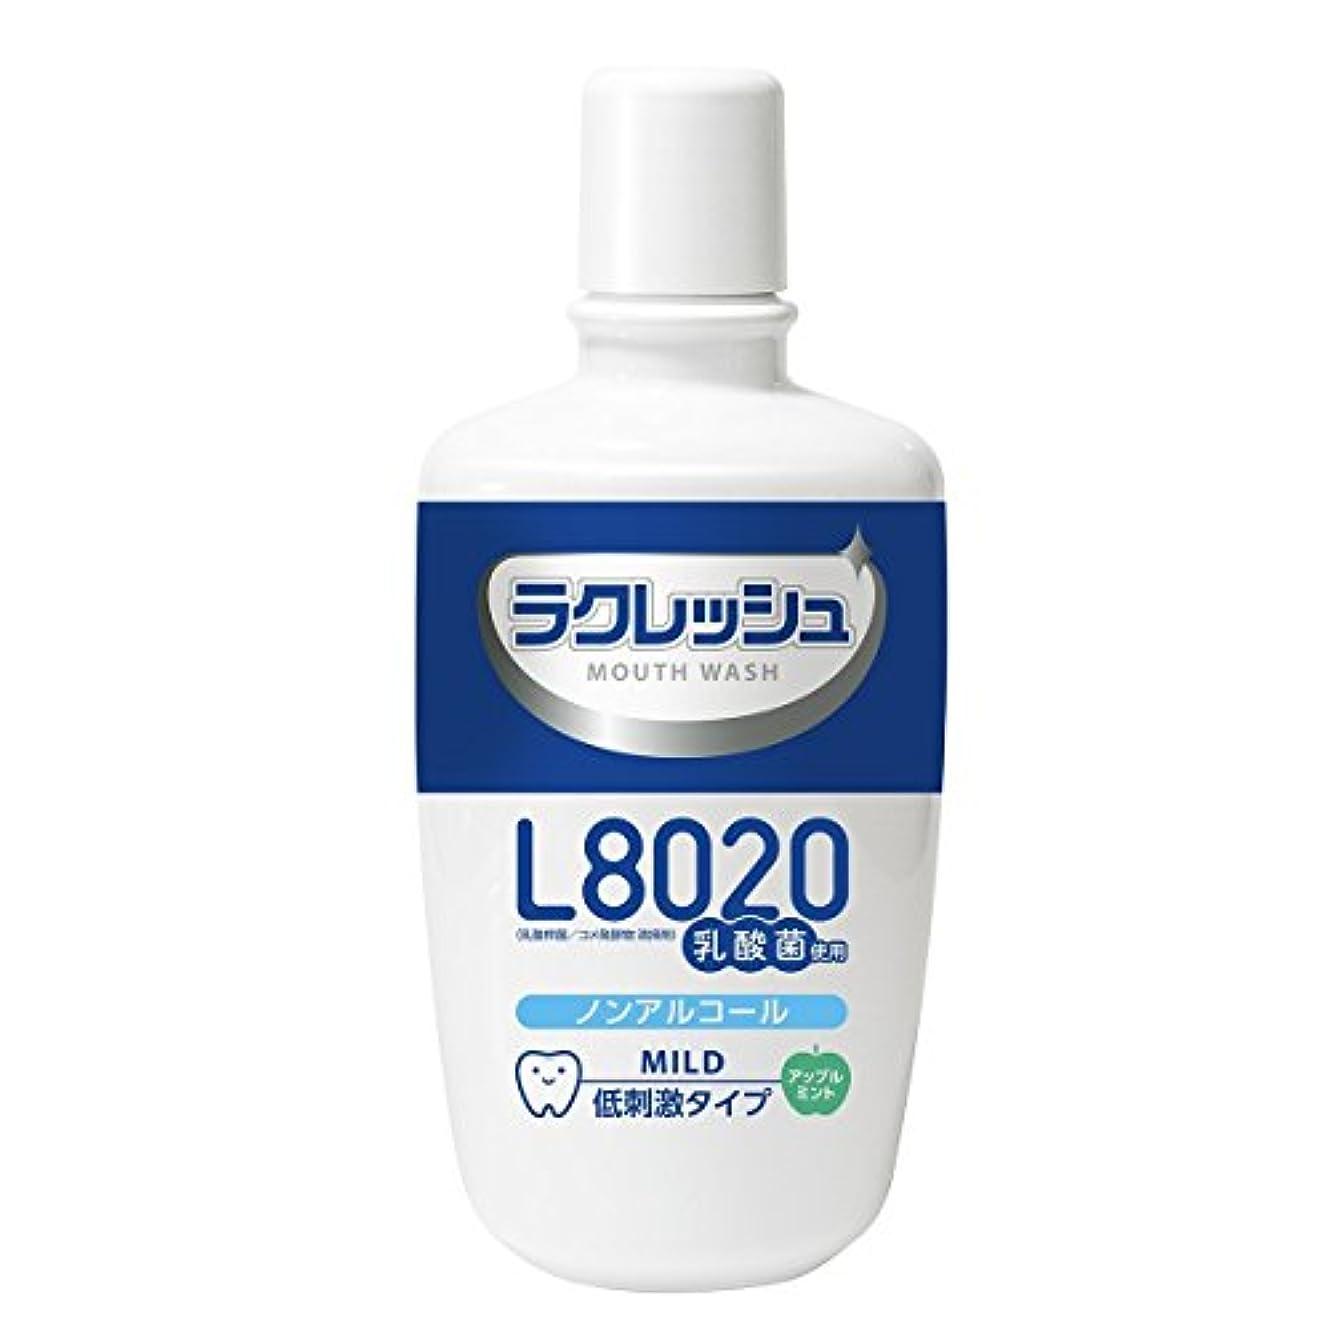 校長栄光三角形ラクレッシュ L8020菌 マウスウォッシュ 3本セット (マイルド)